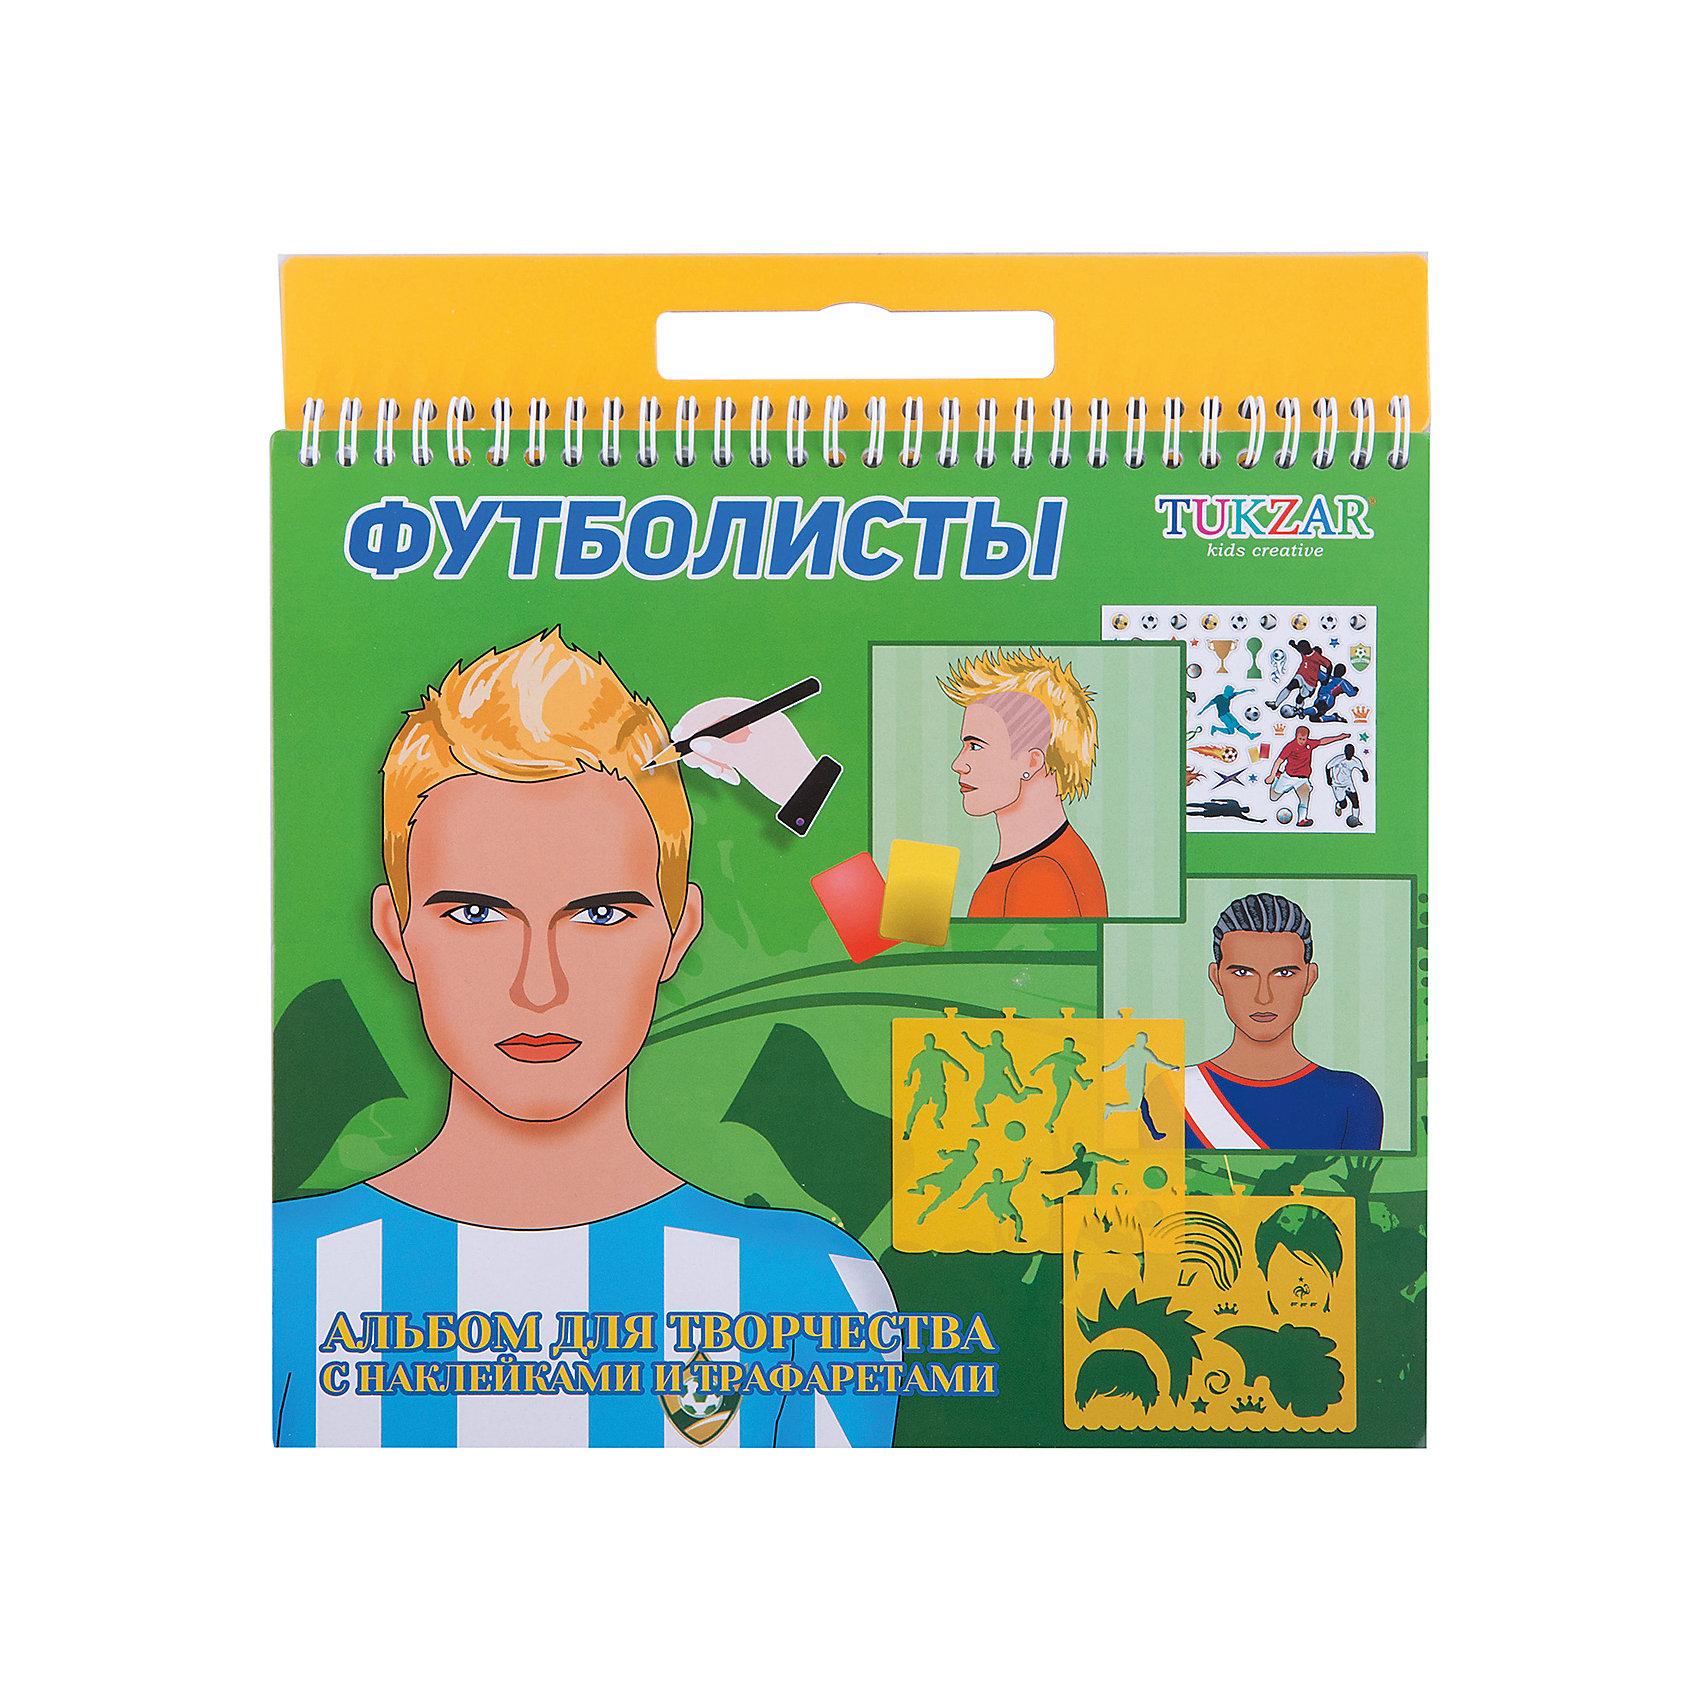 TUKZAR Альбом для творчества Футболисты с трафаретами и наклейками